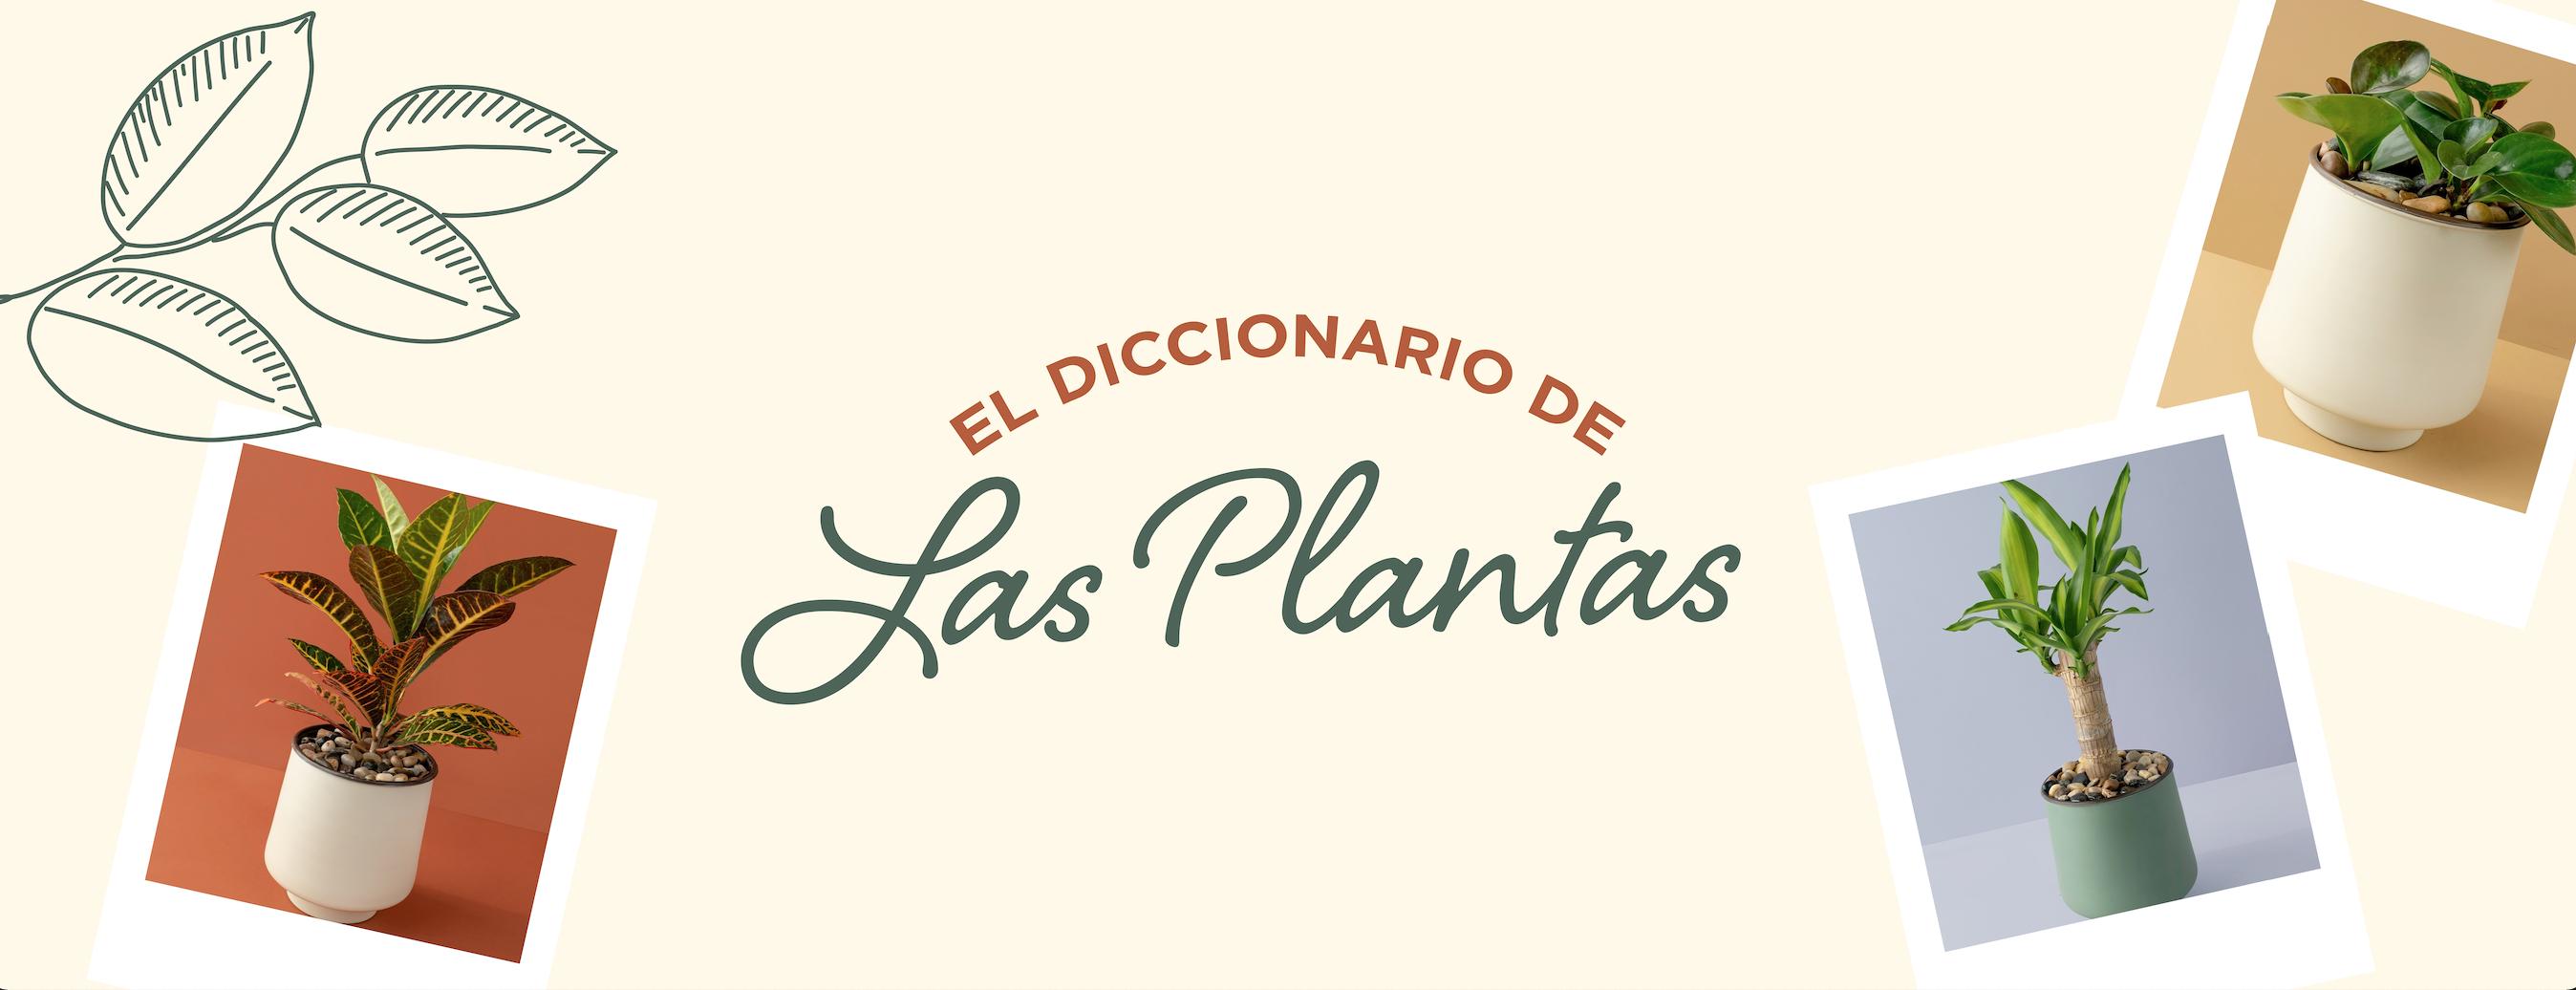 Planta Kalanchoe  cover